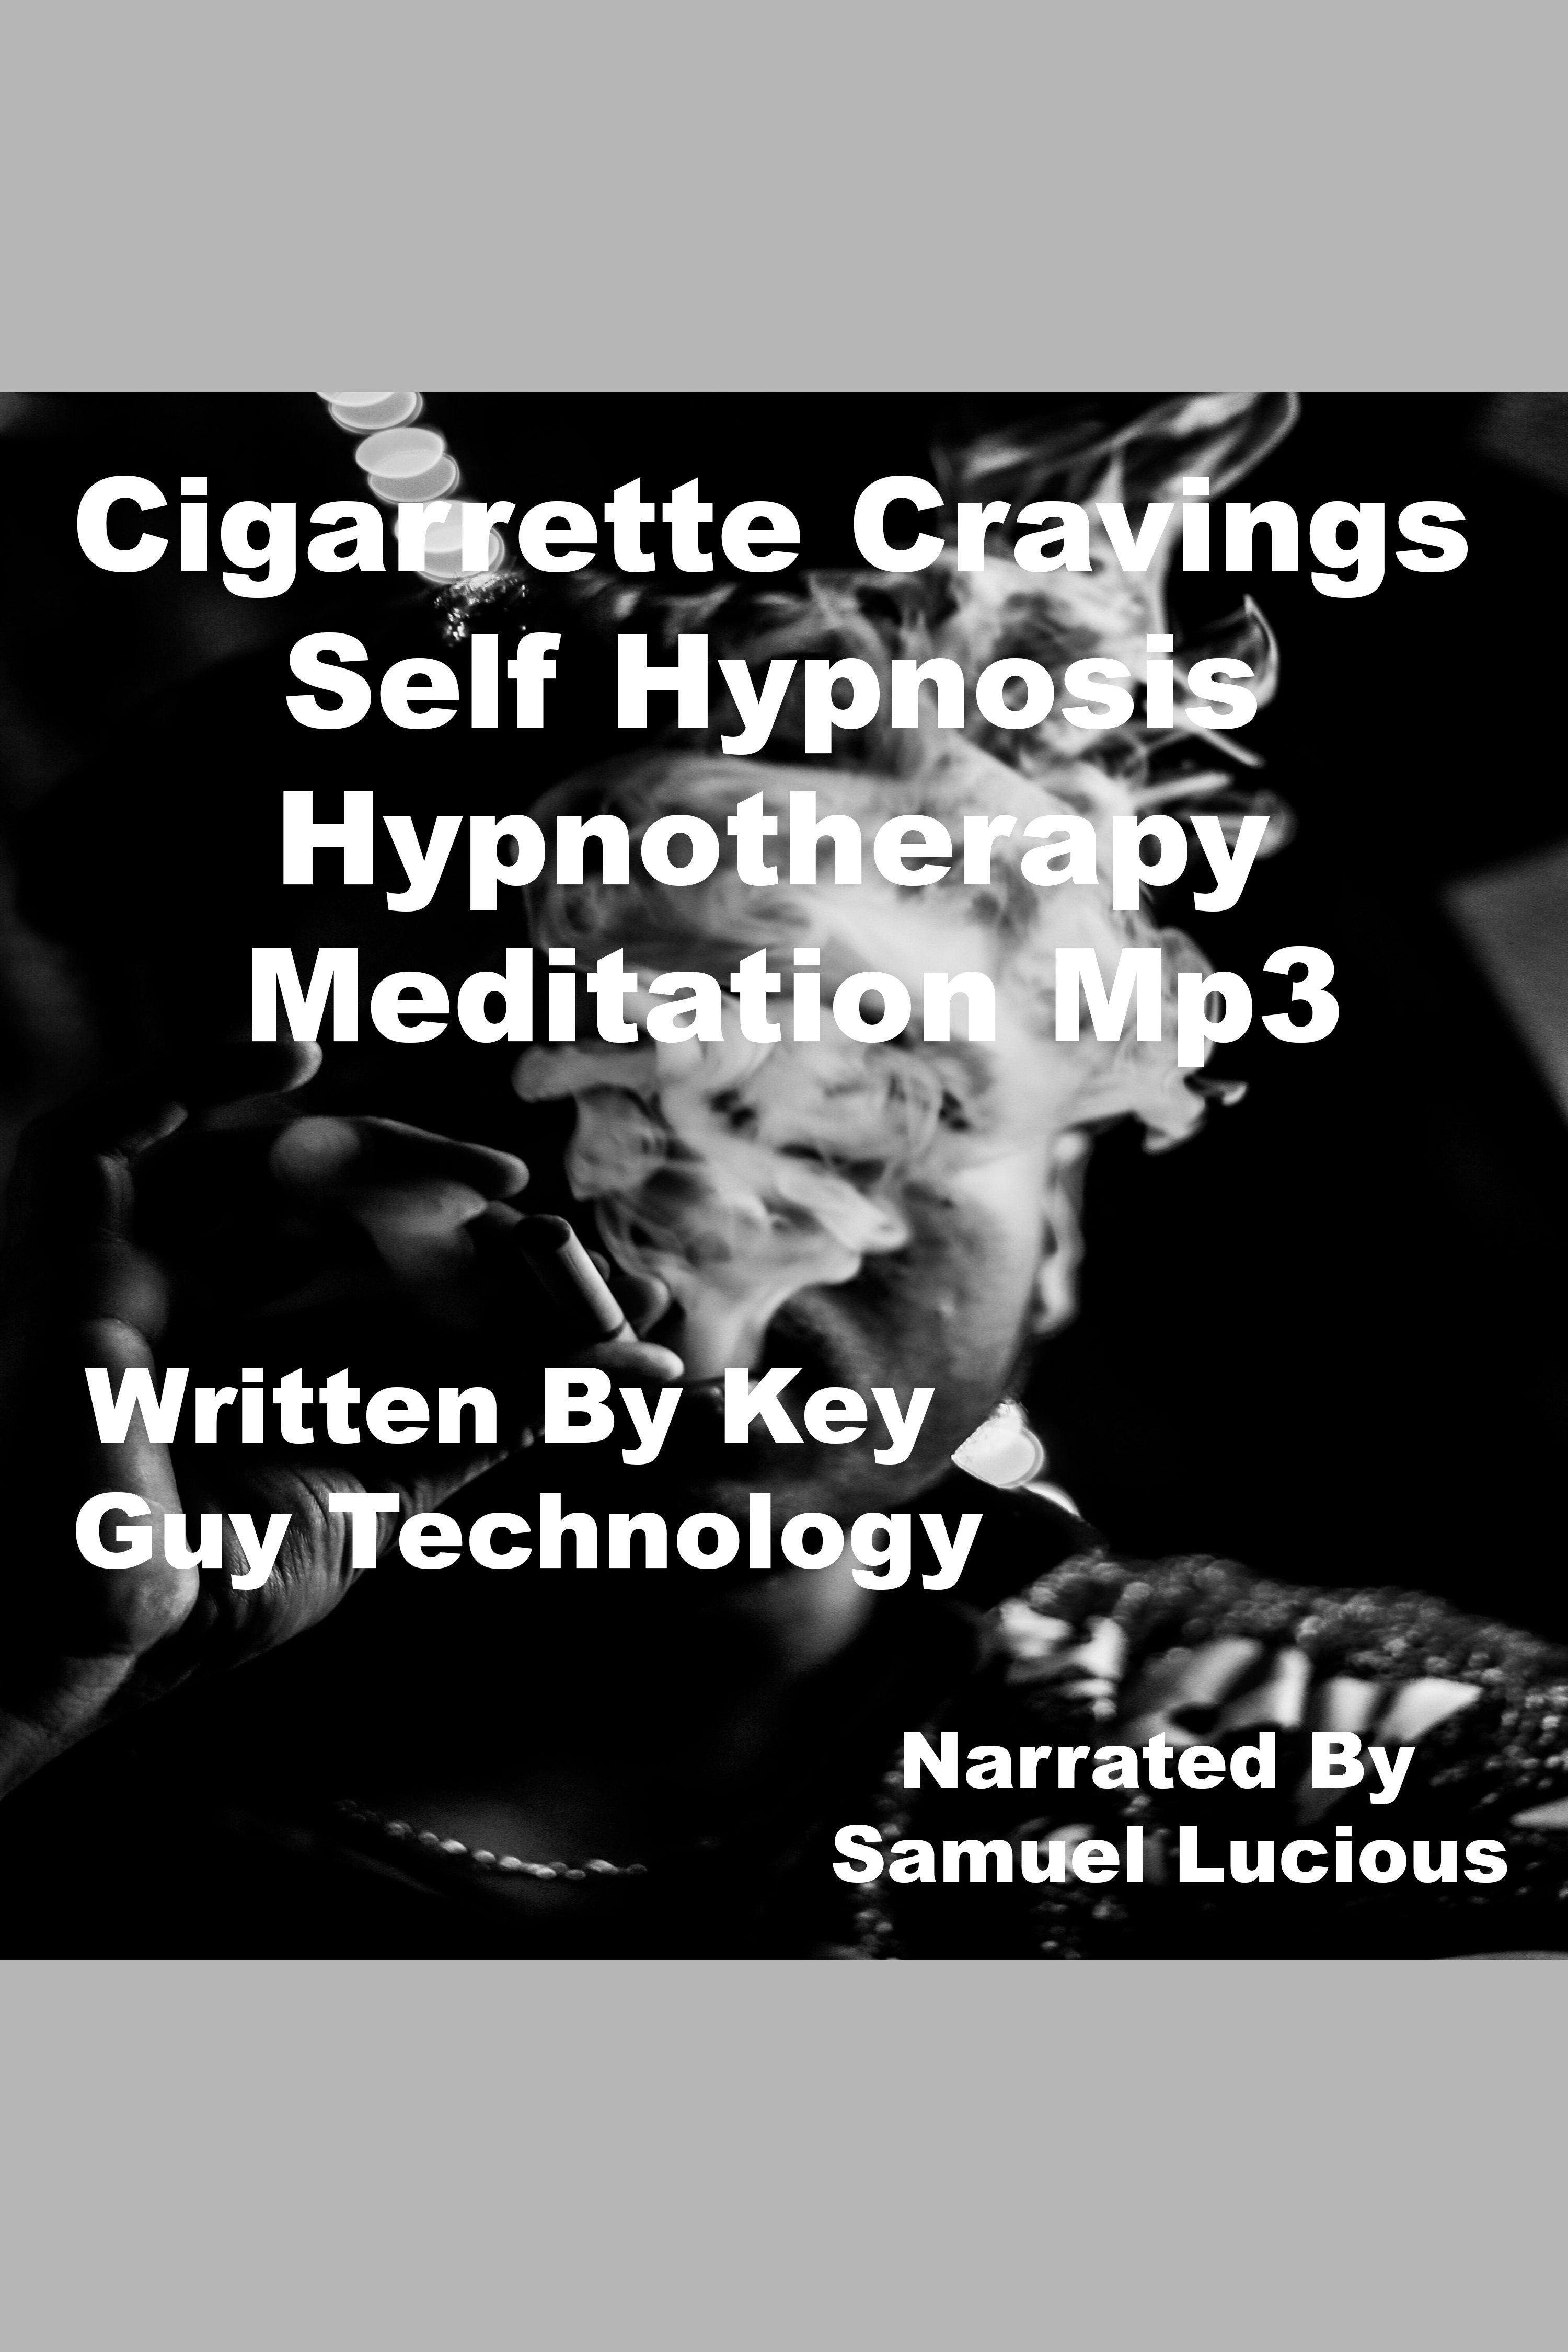 Esta es la portada del audiolibro Cigarrette Cravings Self Hypnosis Hypnotherapy Meditation